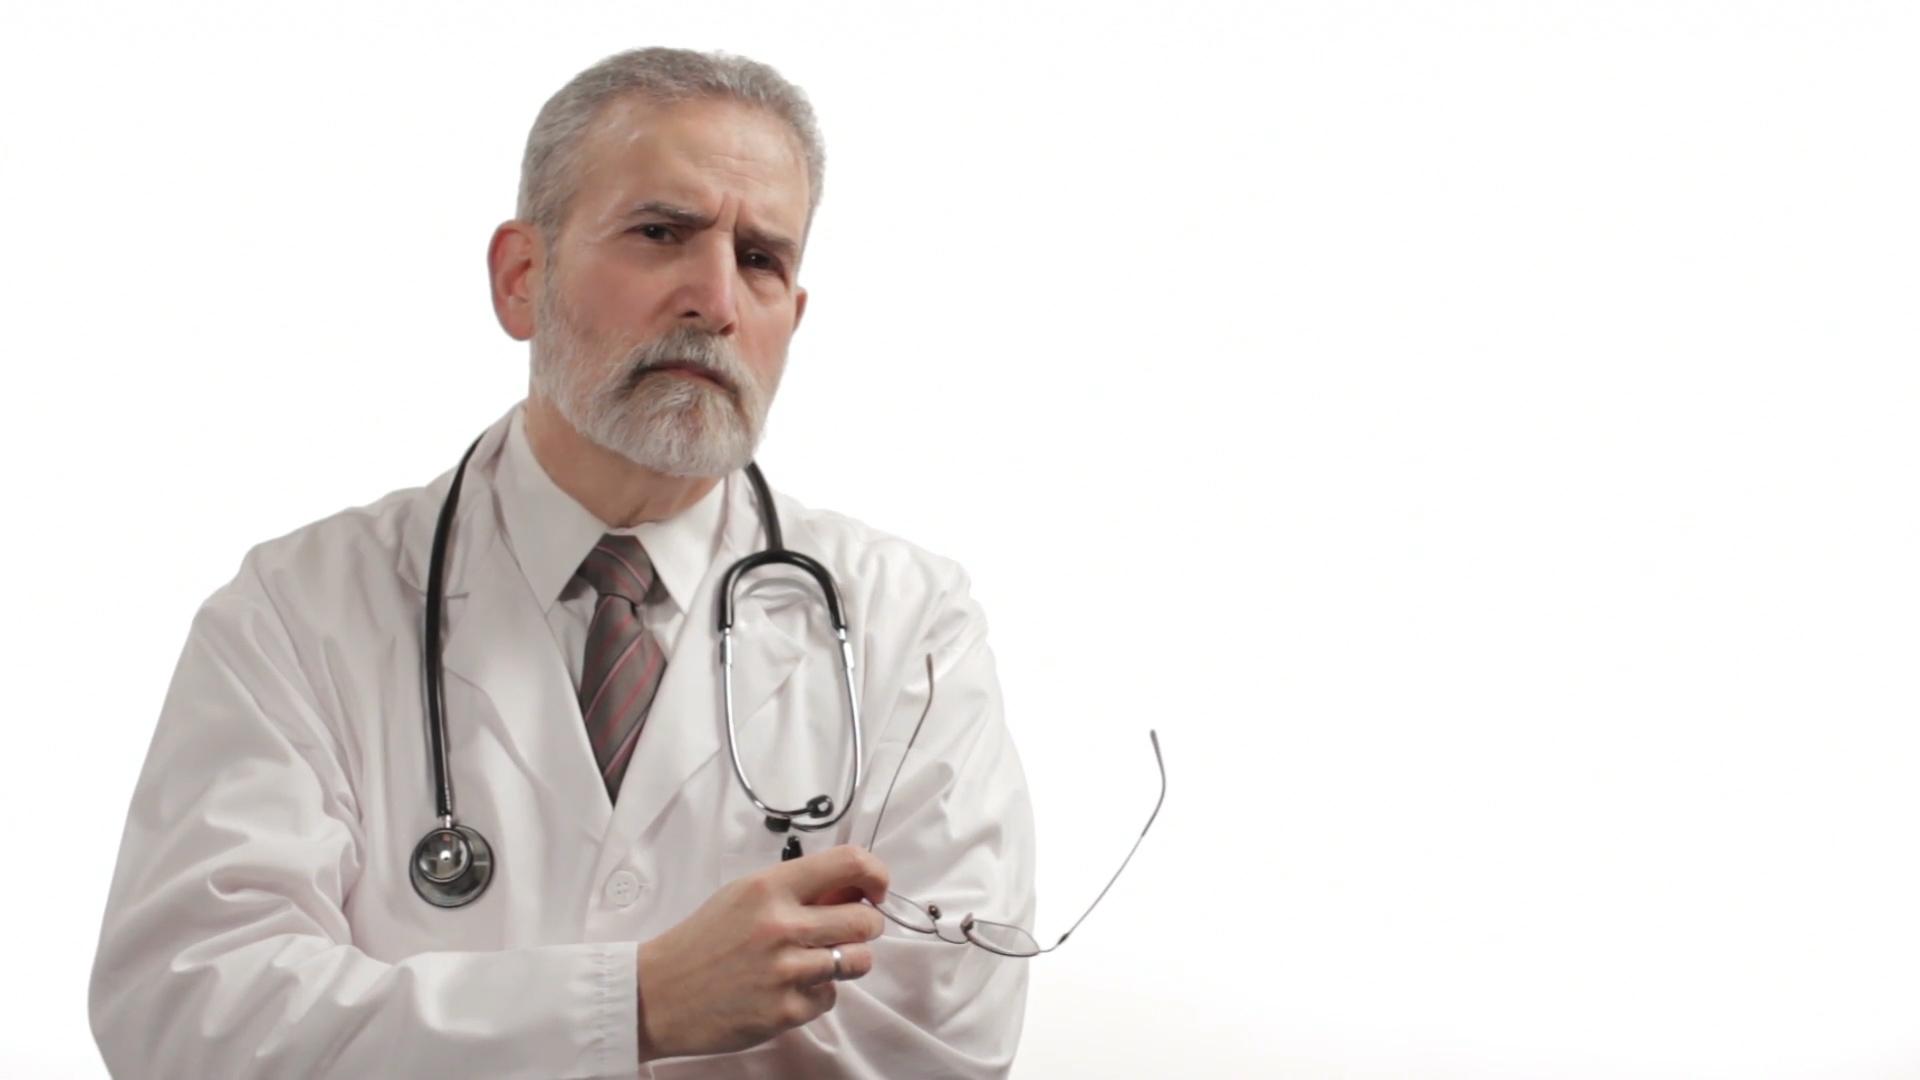 Co zmienić, by zmniejszyć ryzyko wystąpienia nowotworu?